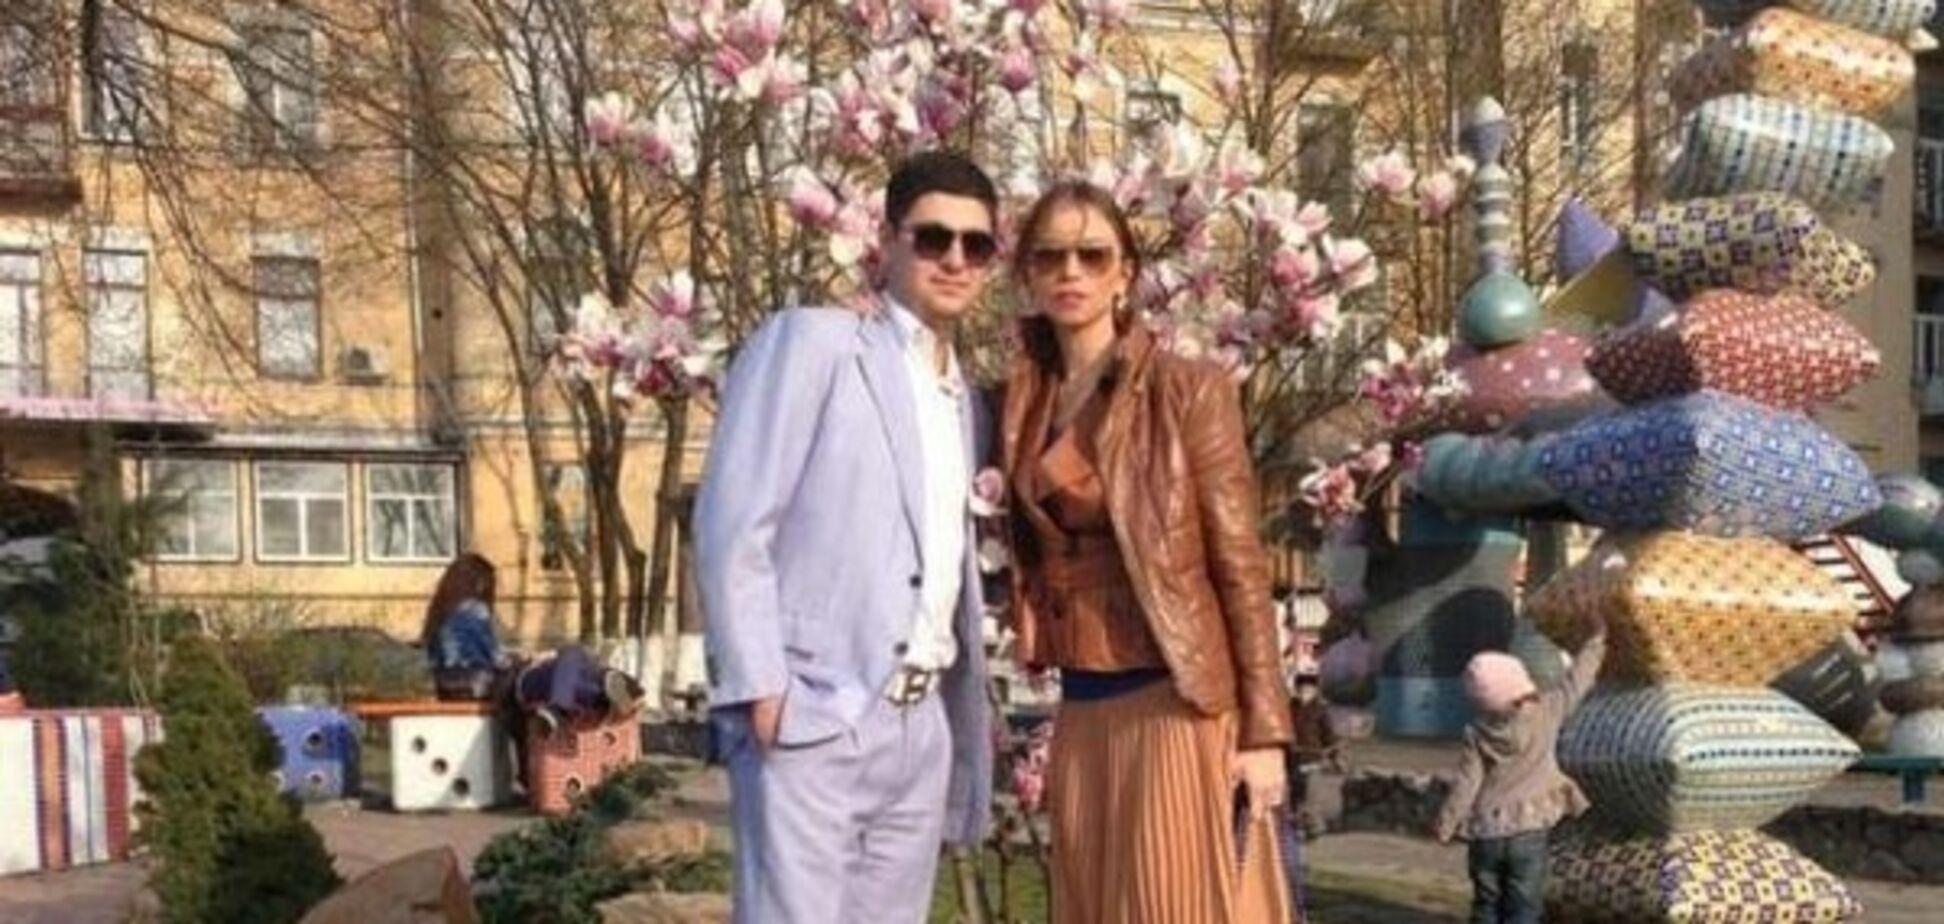 Бывшего пасынка Фирташа поймали по фотографии в соцсетях